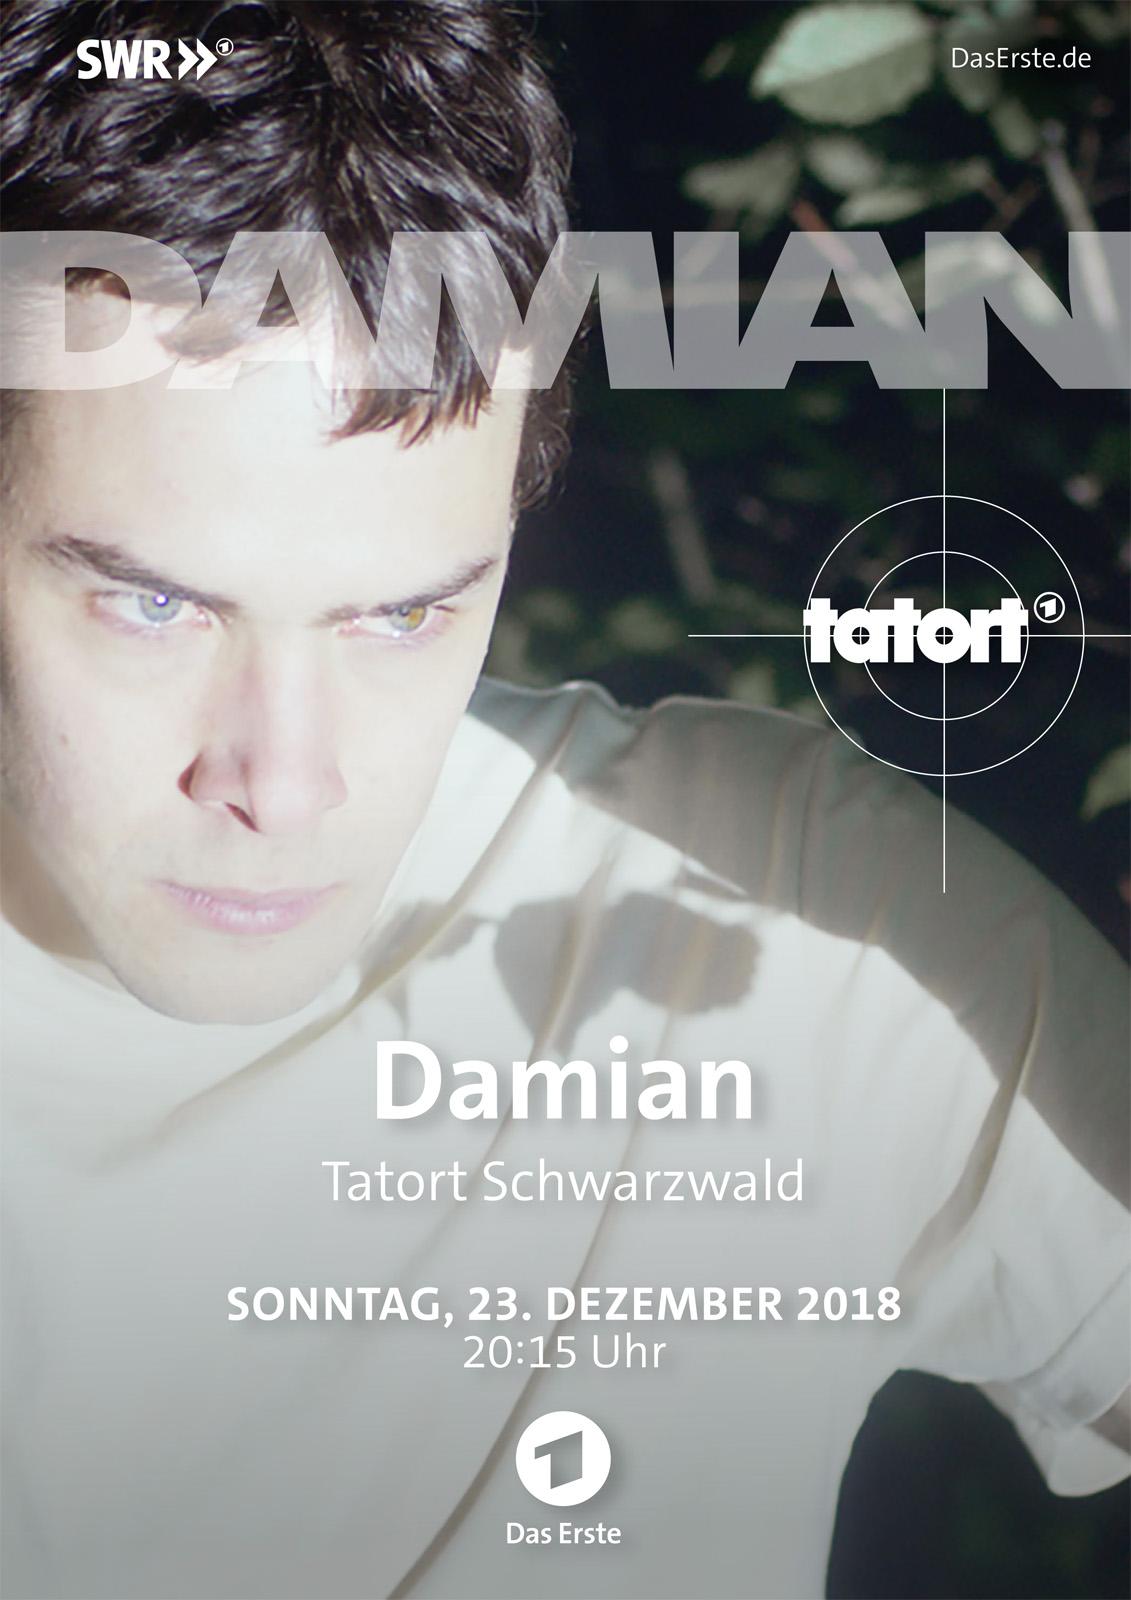 Tatort Damian Kritik